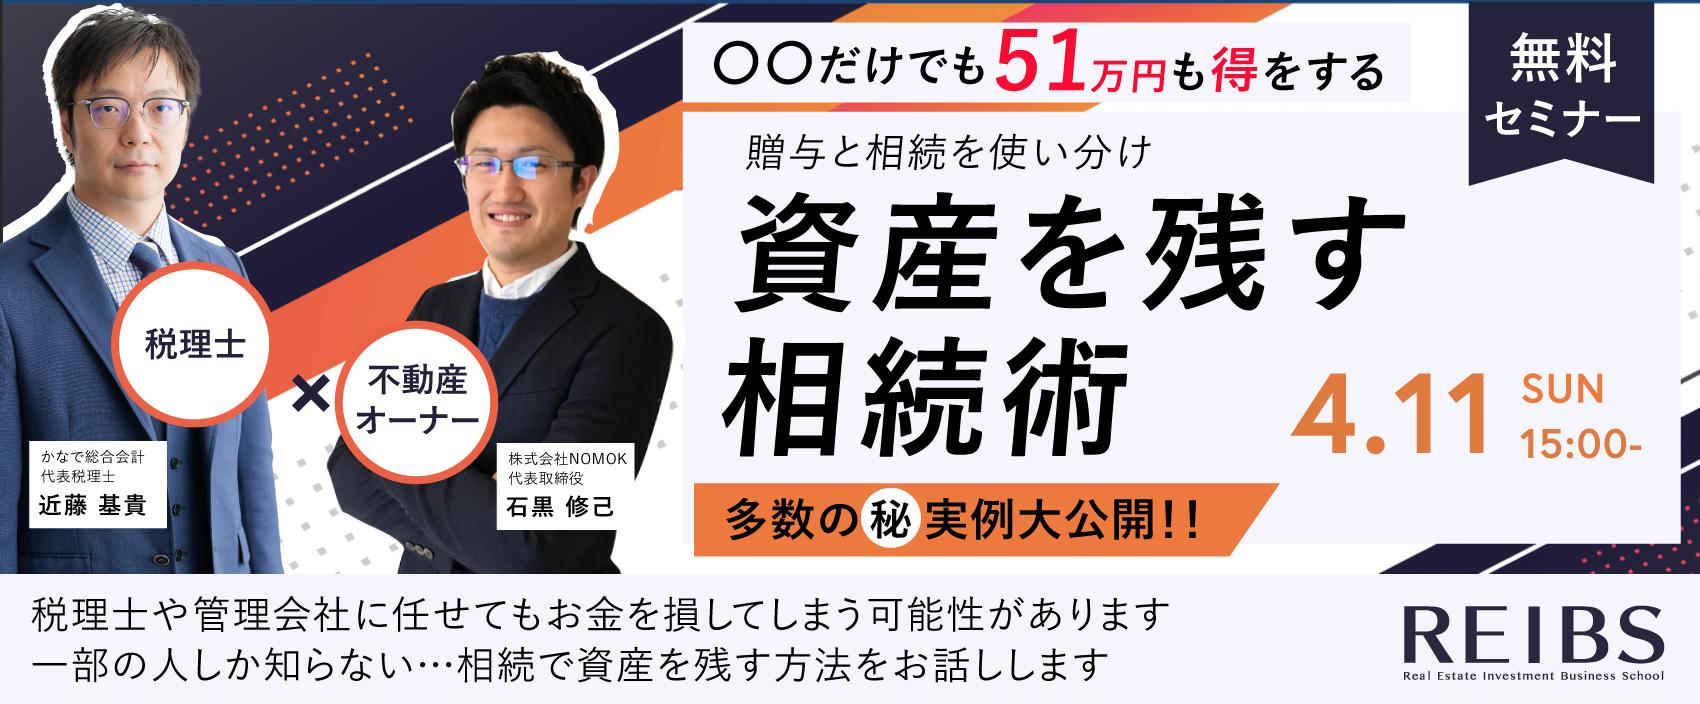 【無料セミナー】賢くお金を残す相続と事業継承(2021年4月11日)